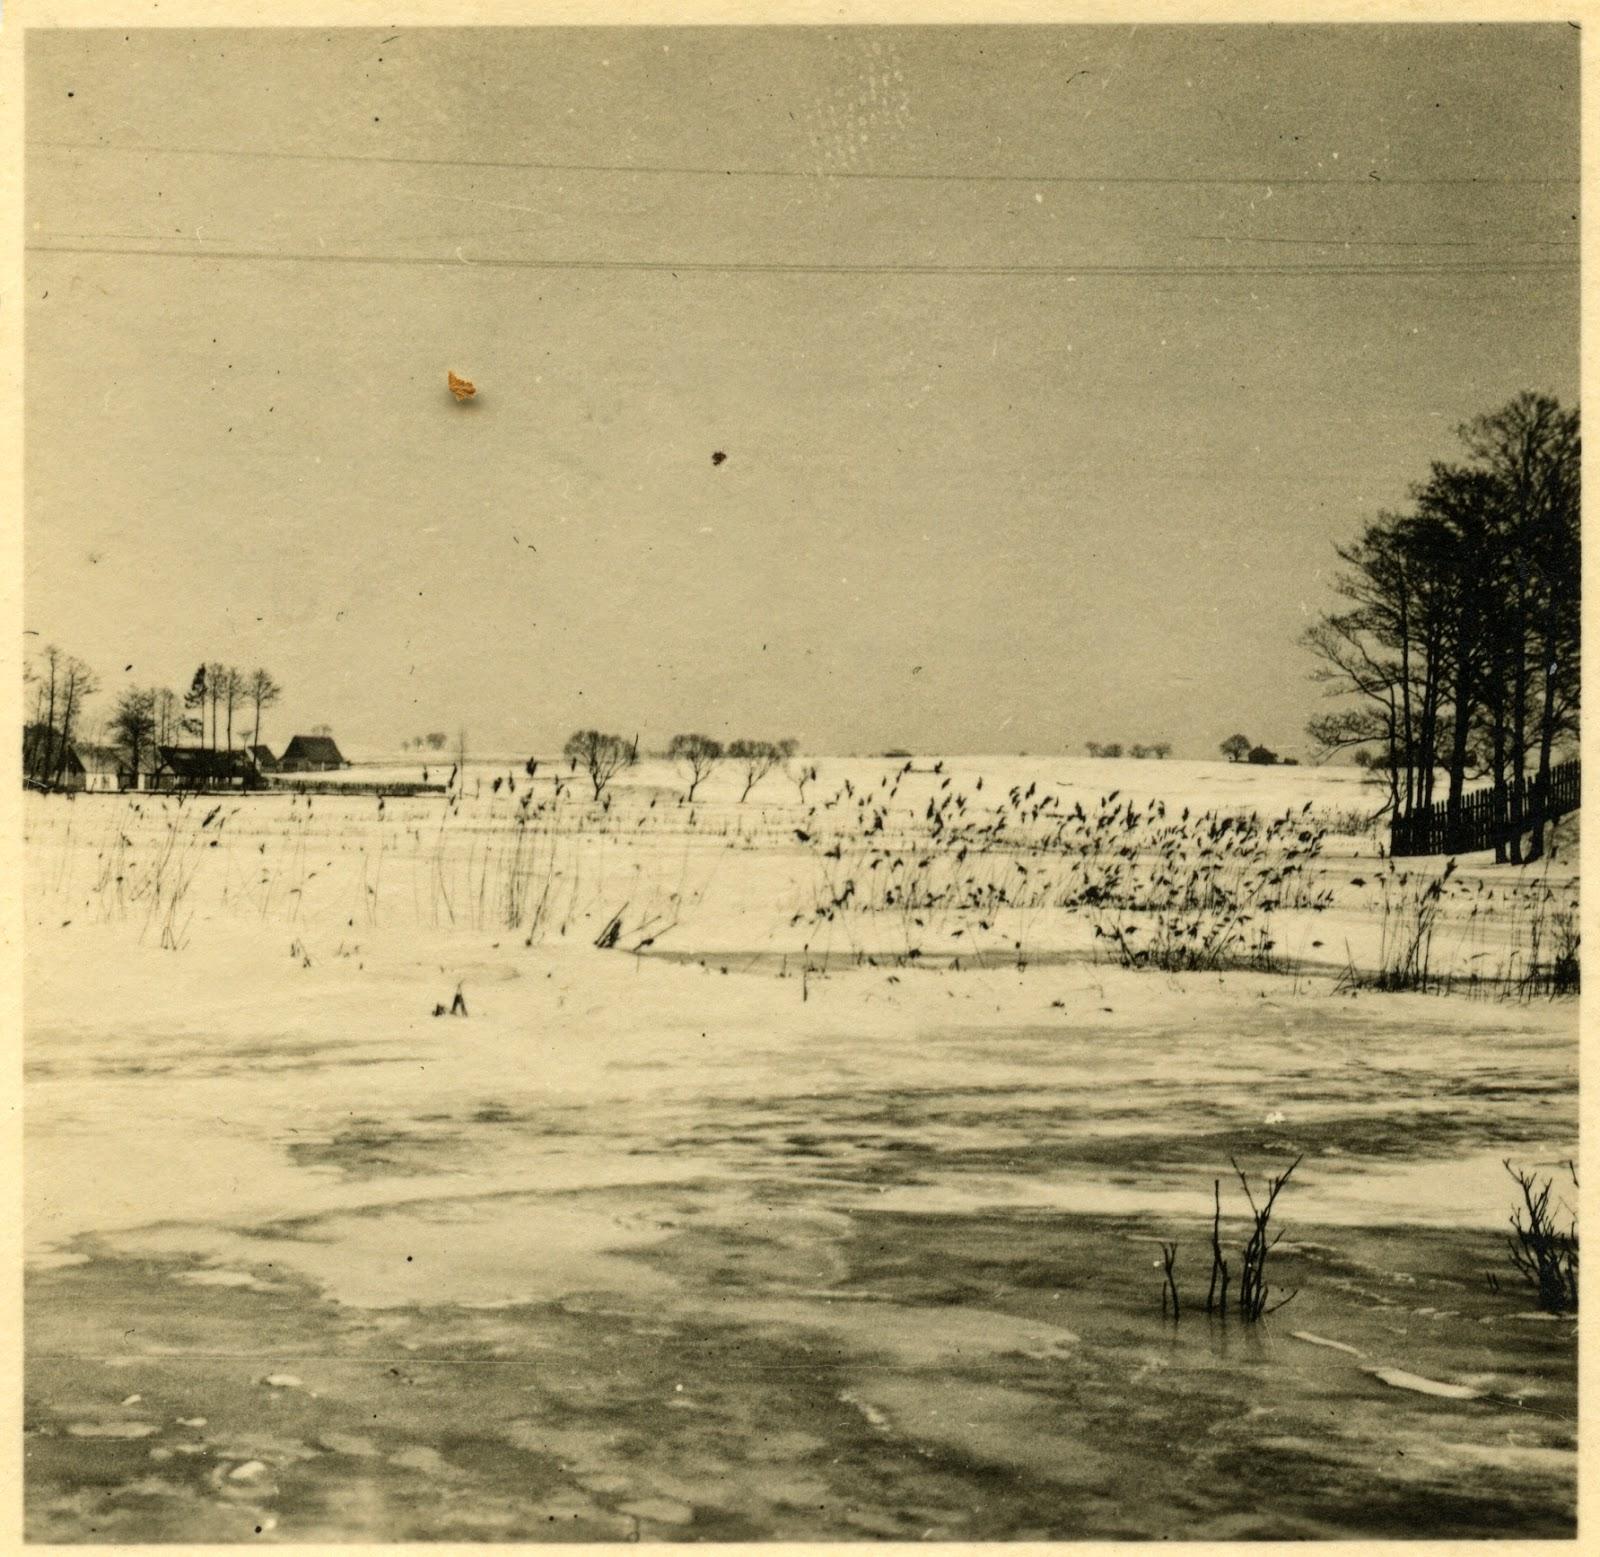 Fotografie wykonane przez niemieckiego żołnierza, którego jednostka stacjonowała w Browarach. Tych fotografii jest więcej; wybrałem trzy. Foto. w zbiorach KW.